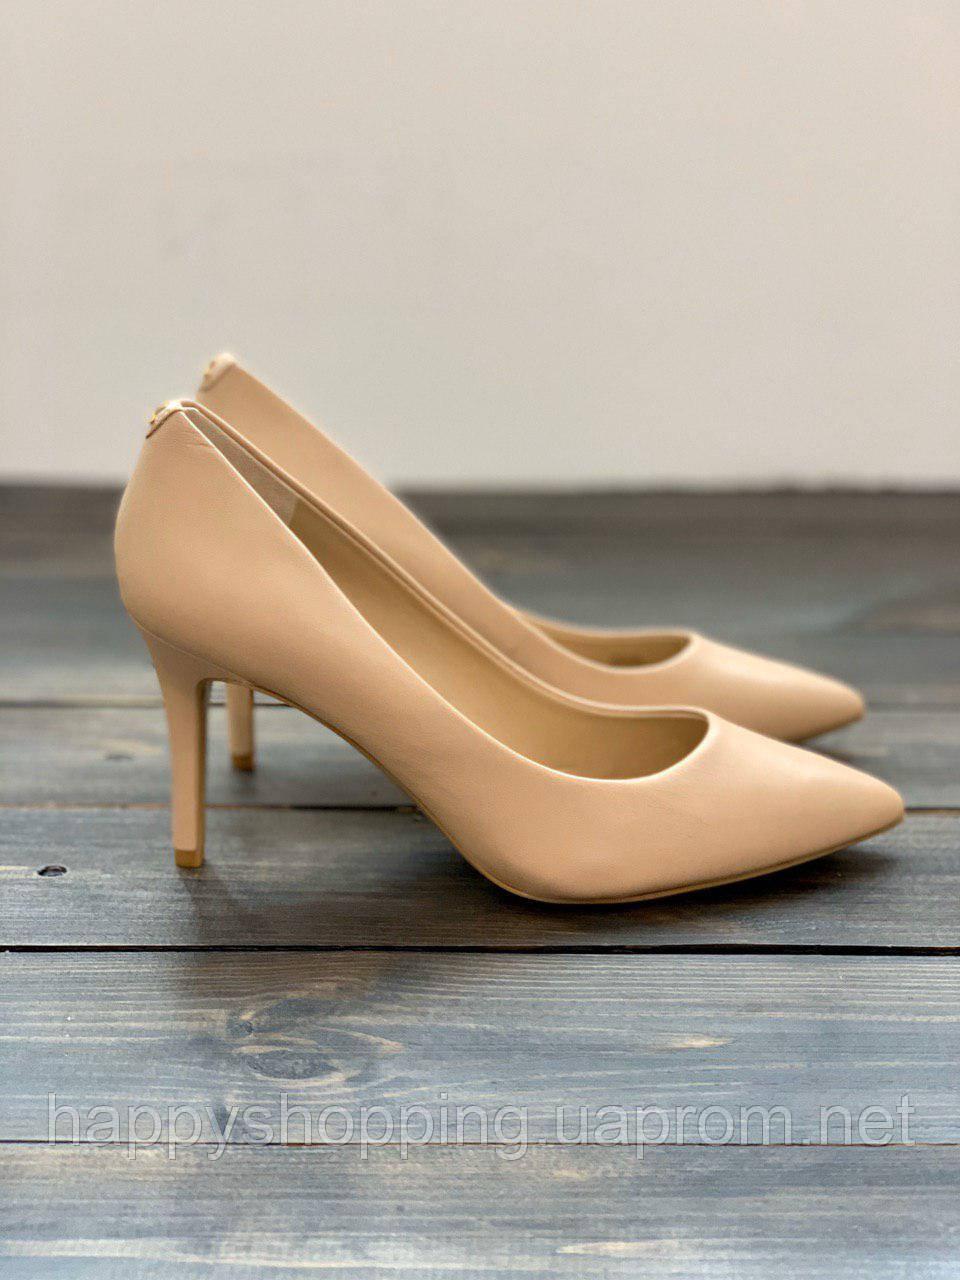 Женские оригинальные нюдовые кожаные туфли лодочки на каблуке Karl Lagerfeld Paris (Размеры  - 37.5 , 39), фото 1